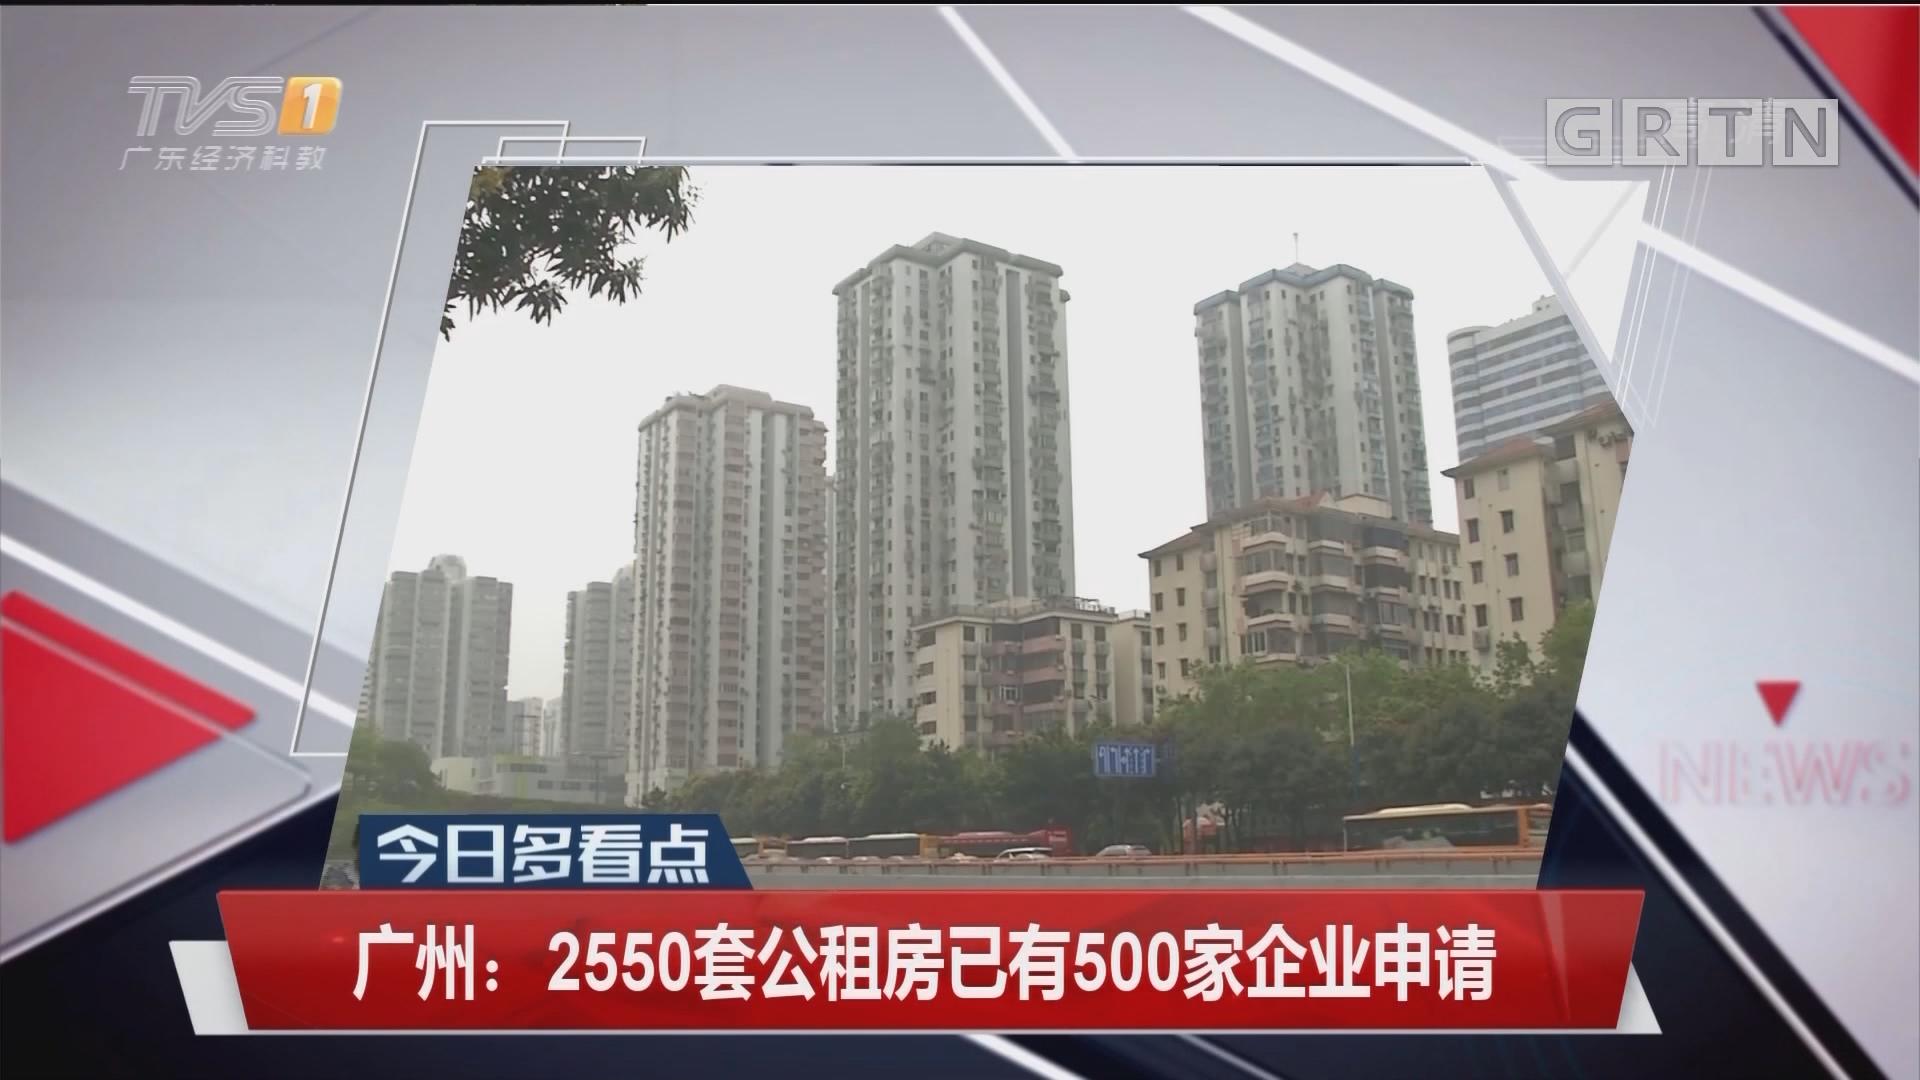 广州:2550套公租房已有500家企业申请